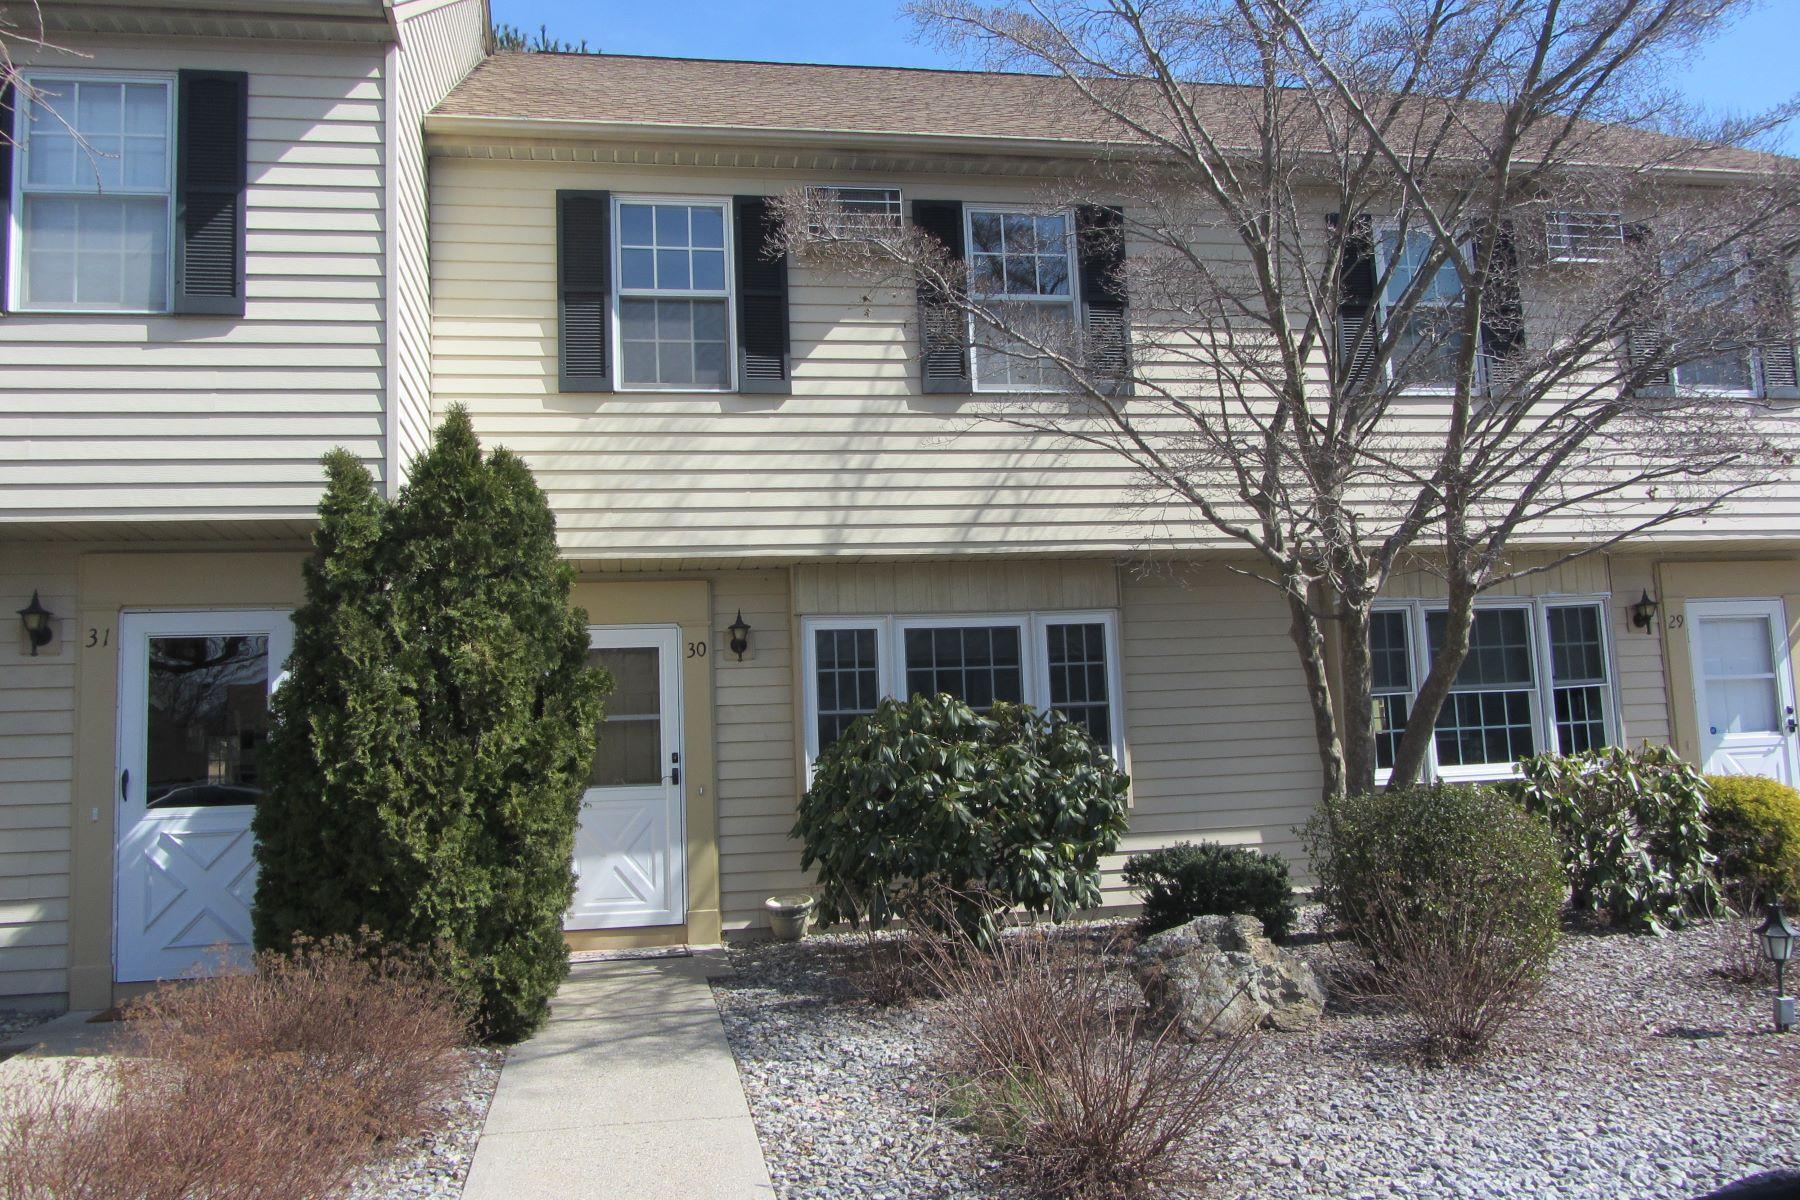 Appartement voor Verkoop op 30 Founders Road 30 Founders Road 30, Clinton, Connecticut 06413 Verenigde Staten